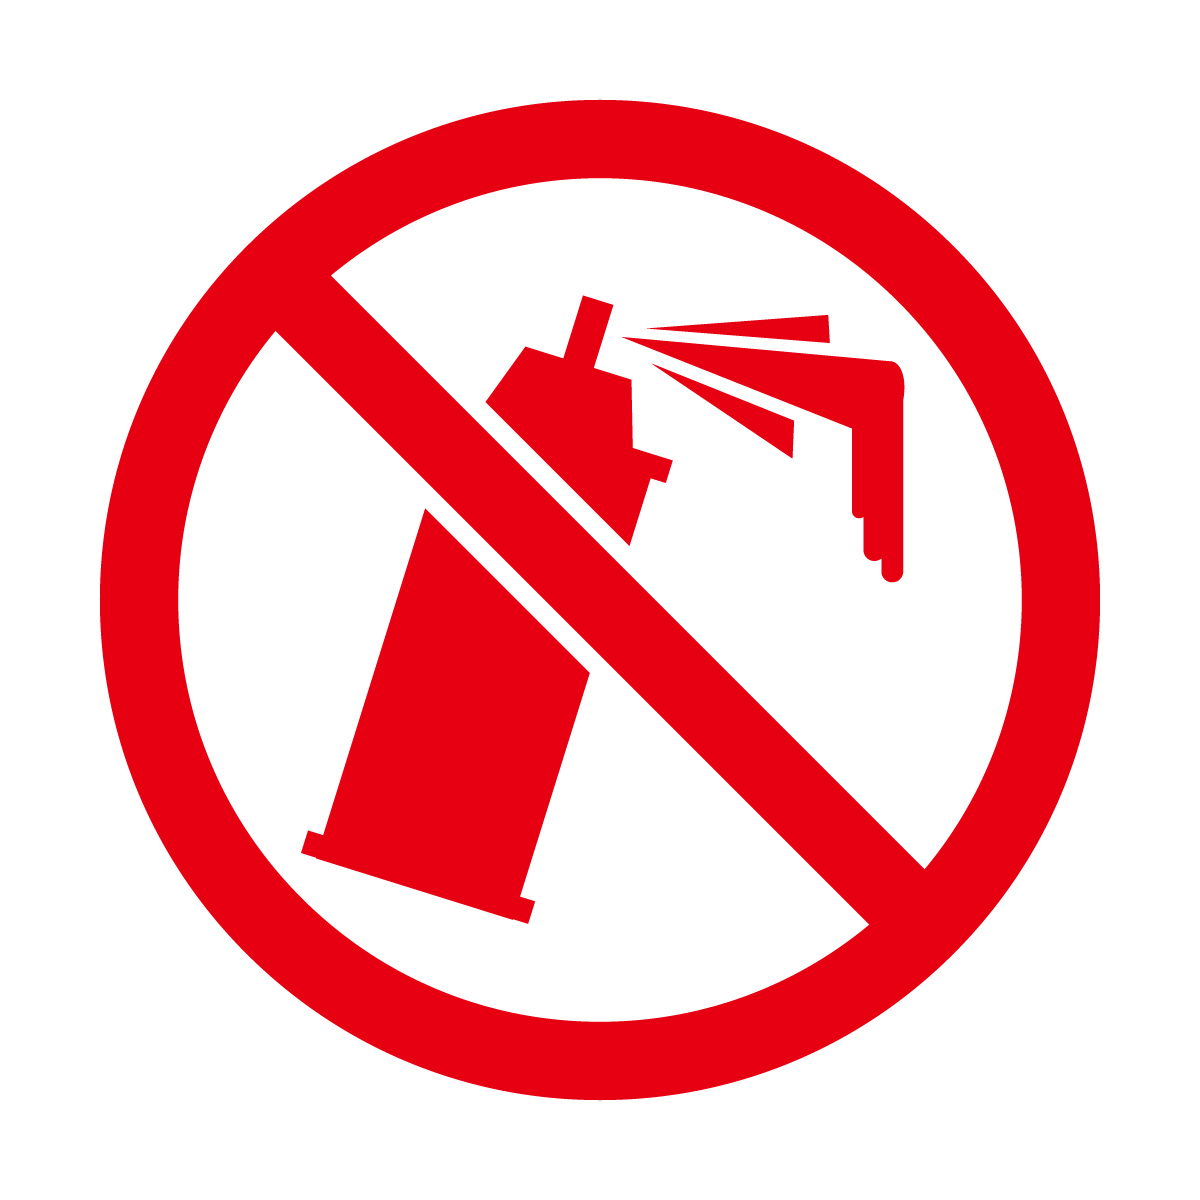 赤色の落書き・スプレー缶禁止マークのカッティングステッカー・シール 光沢タイプ・防水・耐水・屋外耐候3~4年